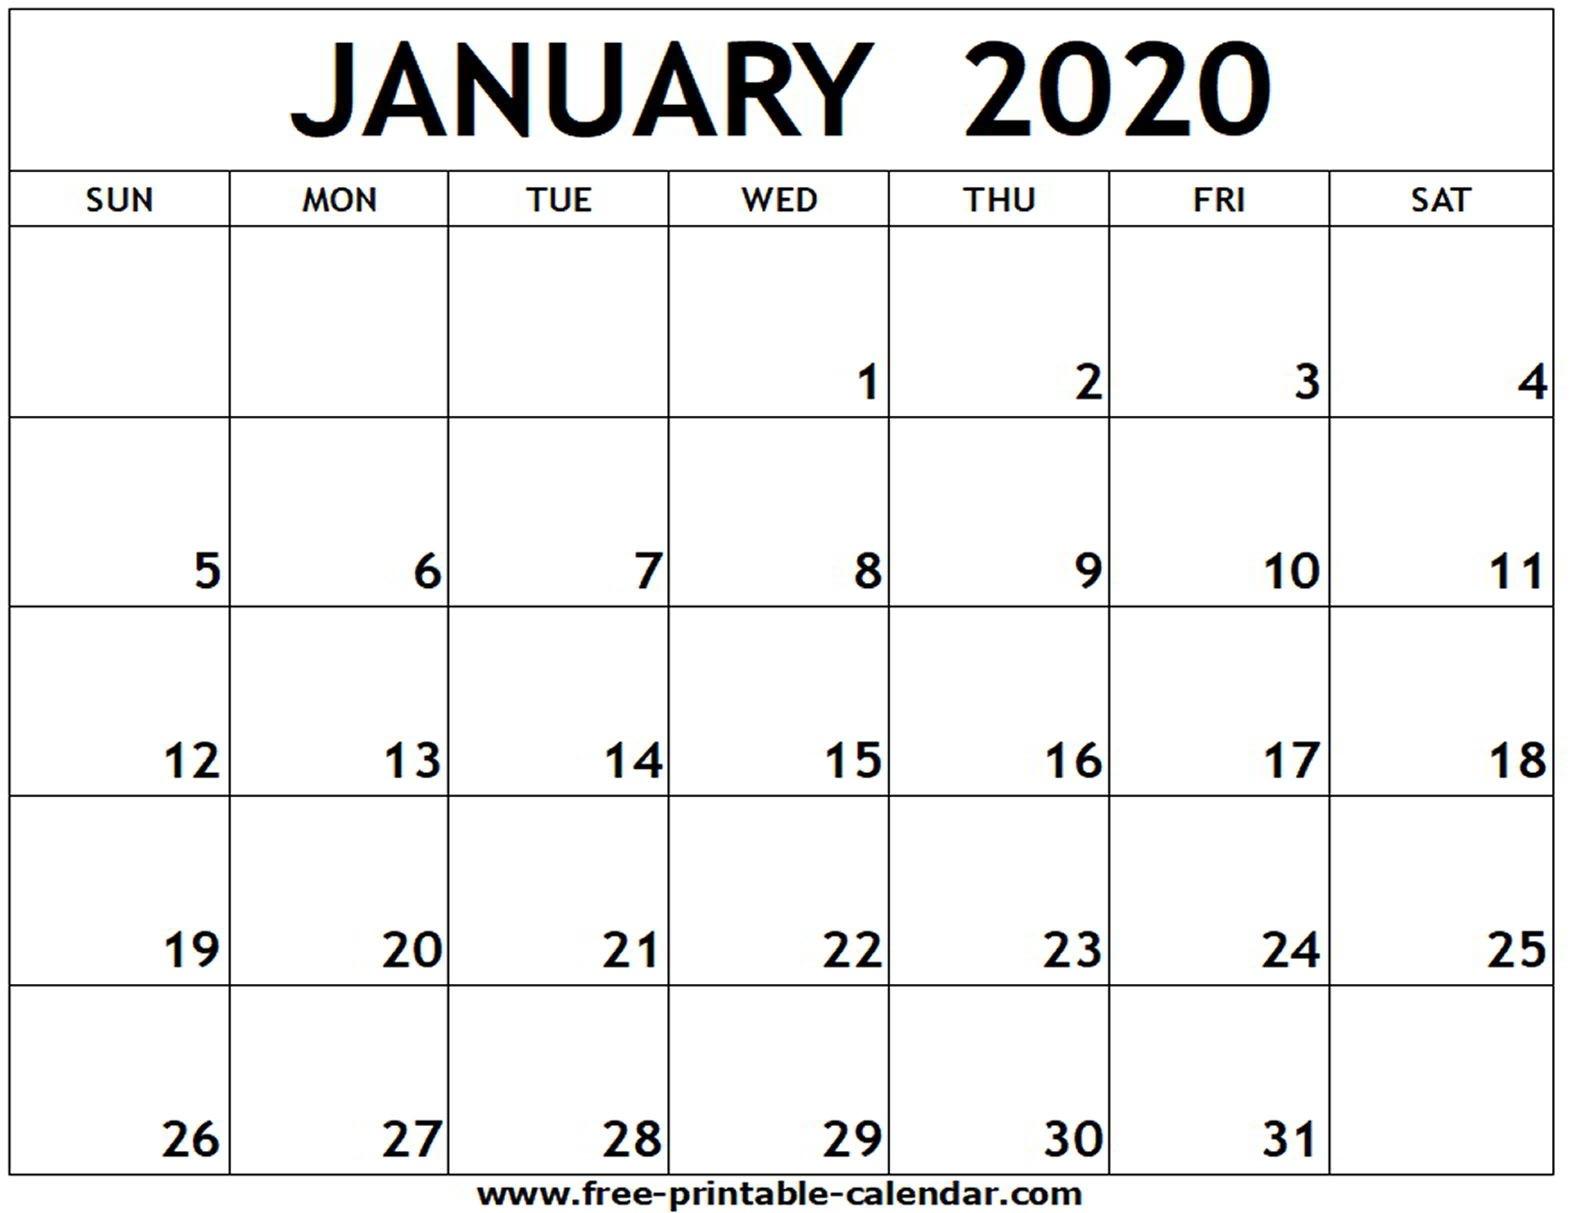 January 2020 Printable Calendar - Free-Printable-Calendar-2020 Printable Calendar Templates Free